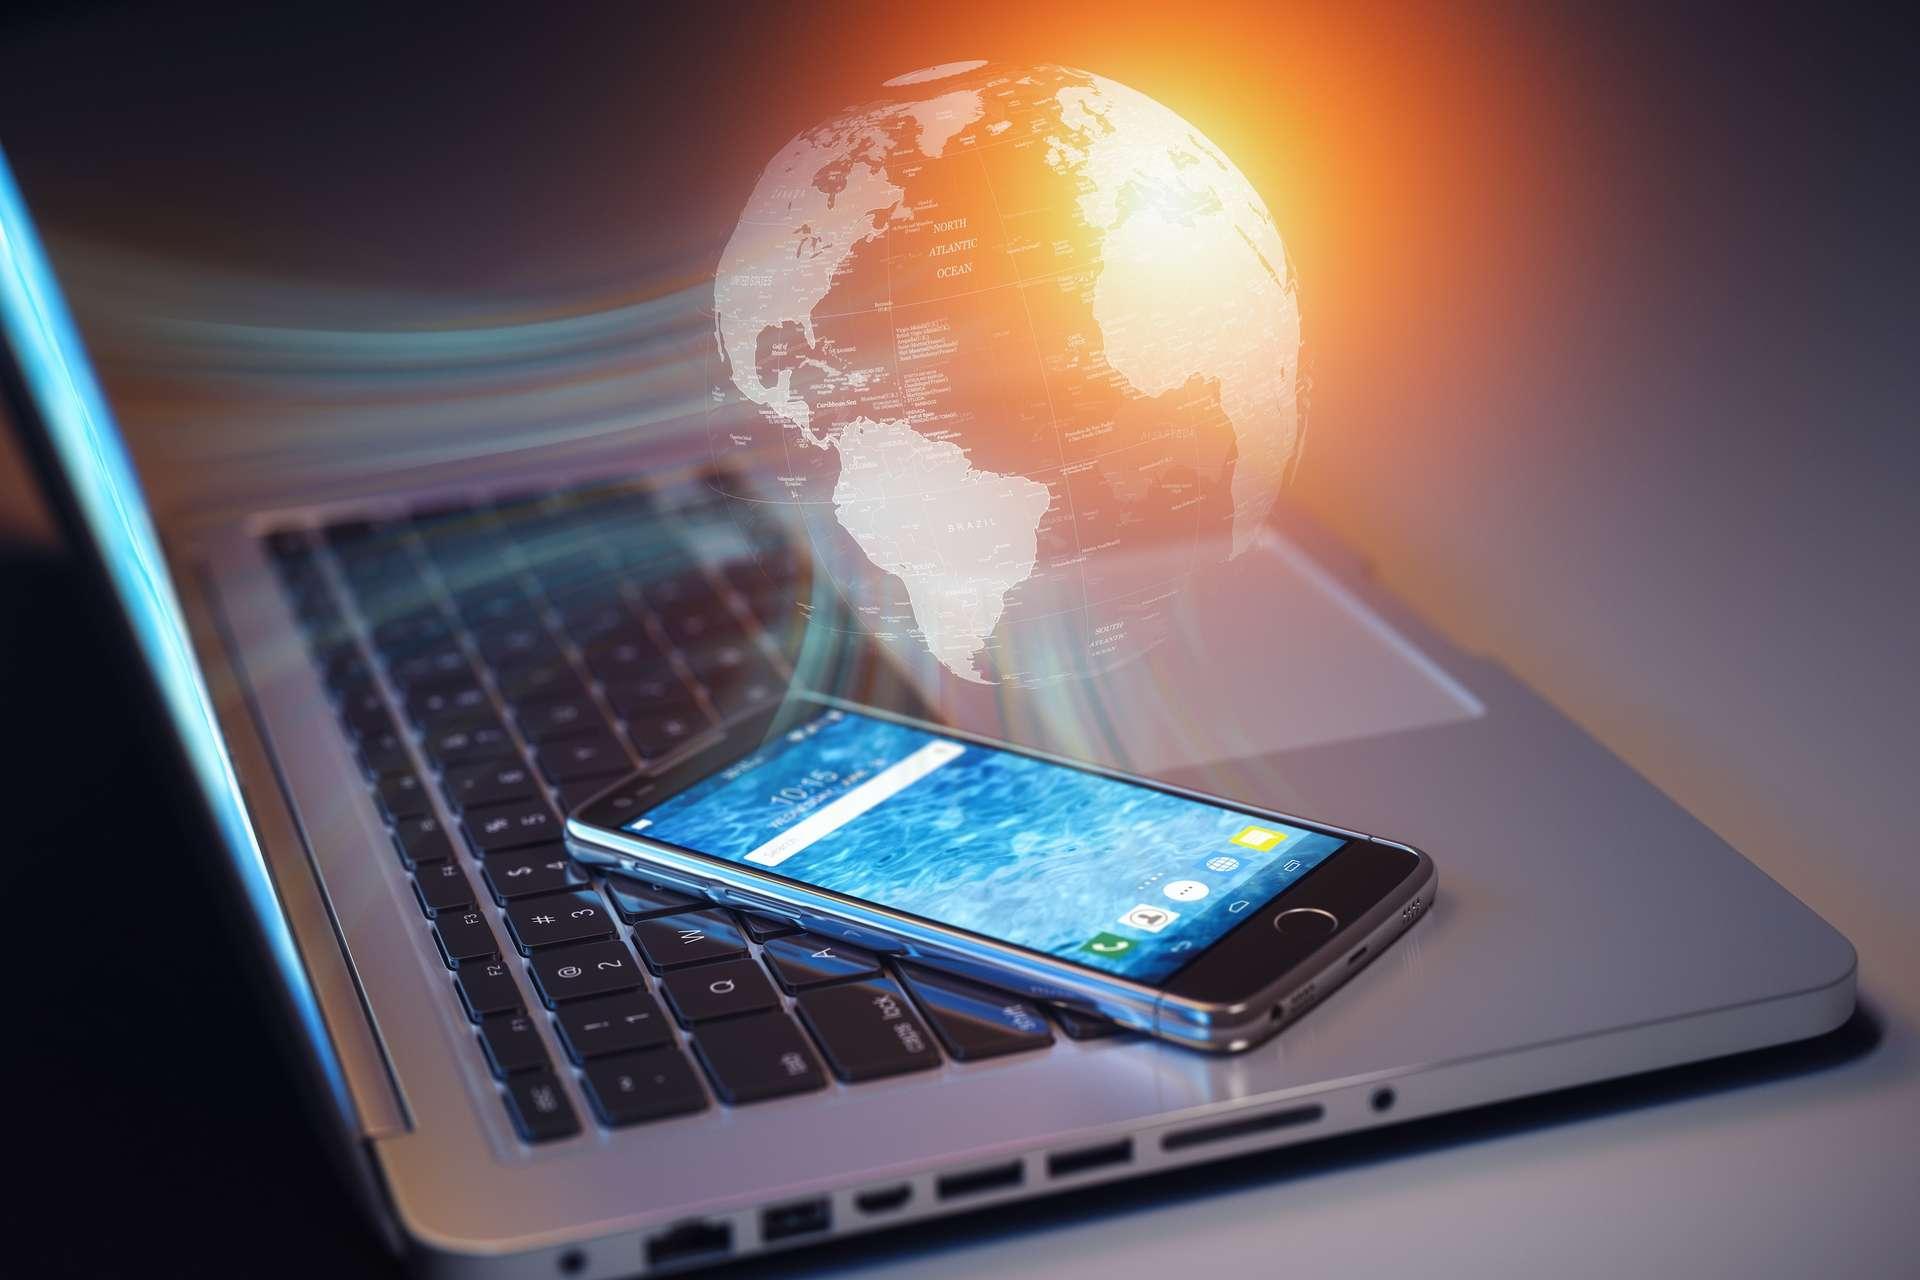 Avec les appareils numériques, la consommation des ressources va doubler d'ici 2024. © Maksym Yemelyanov